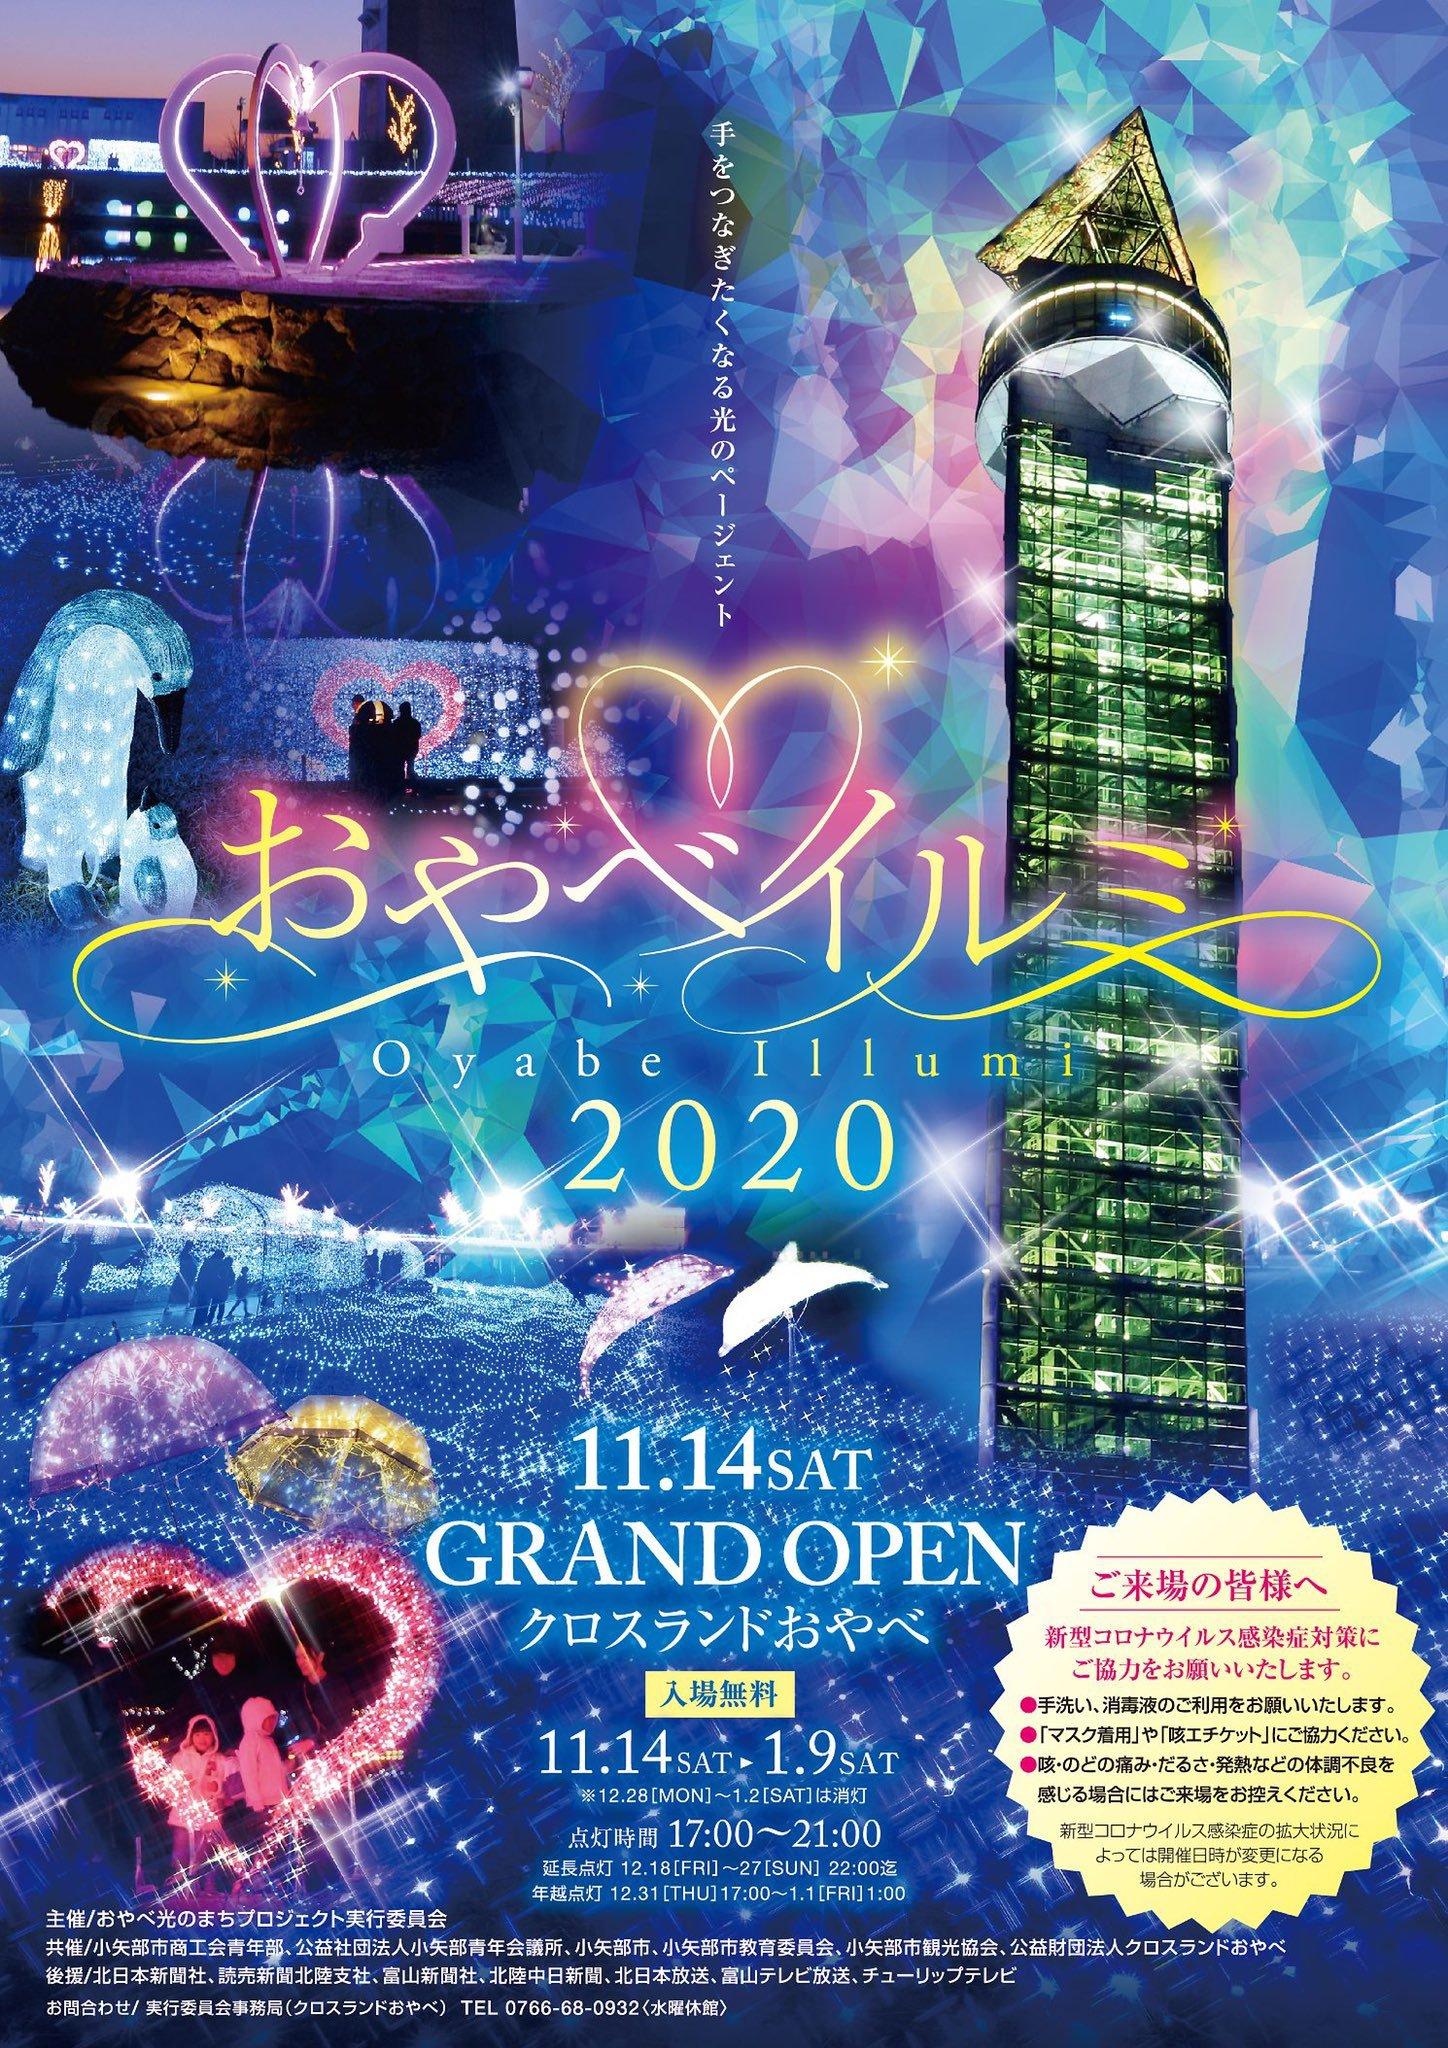 【 おやべイルミ 2020】が開催!期間や点灯時間などをチェックしよう!